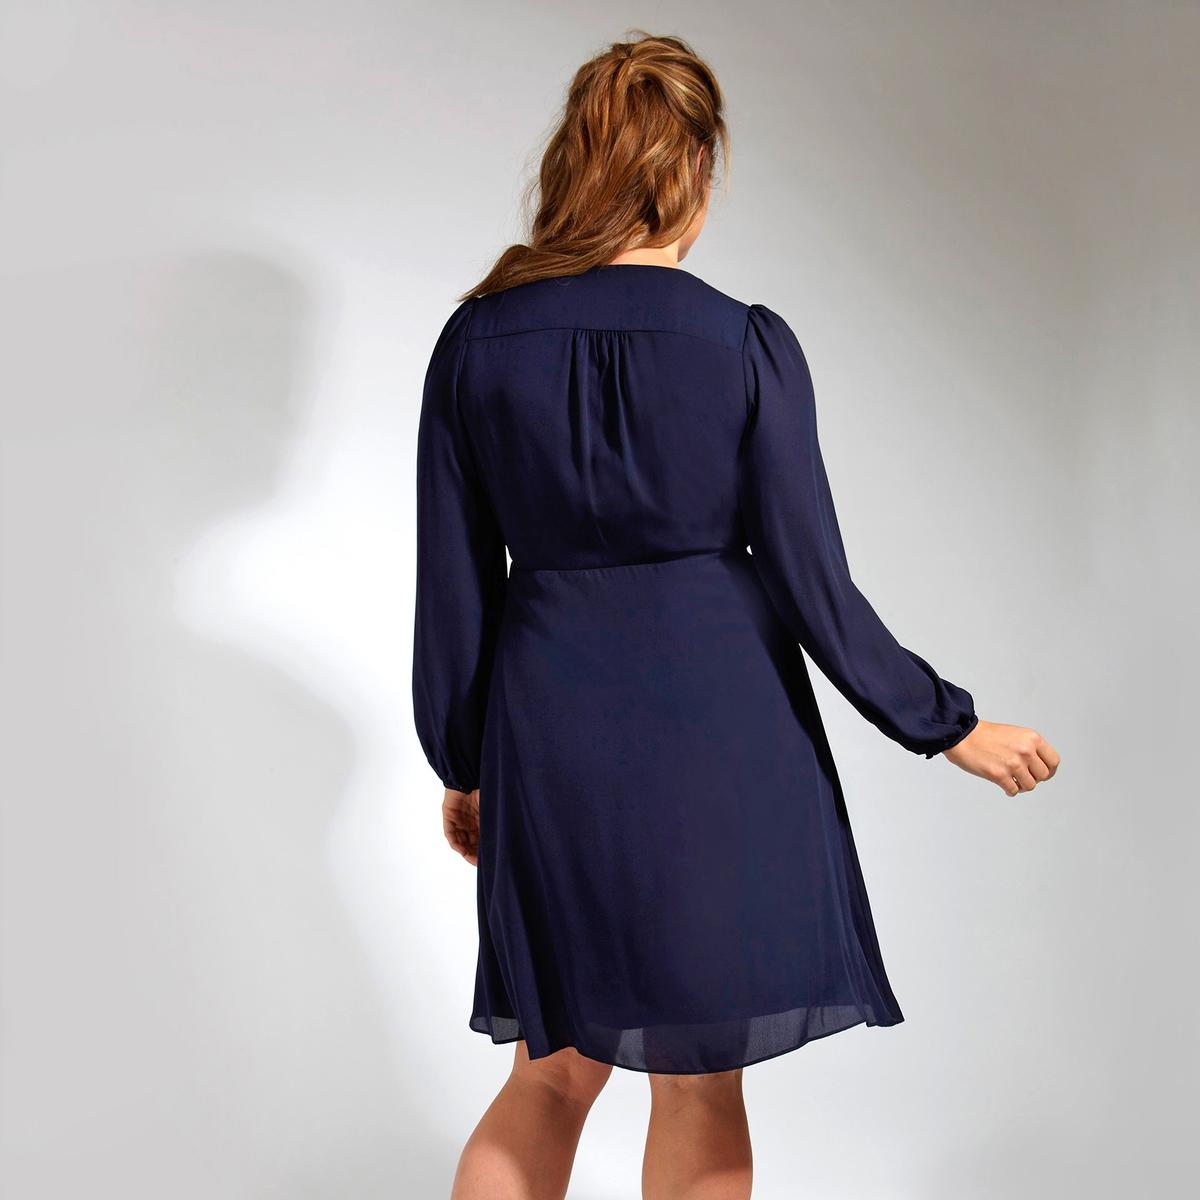 ПлатьеПлатье LOVEDROBE. Платье с длинными рукавами с красивым декольте . Эффект запаха с завязками сбоку . 100% полиэстер<br><br>Цвет: синий<br>Размер: 58/60 (FR) - 64/66 (RUS)